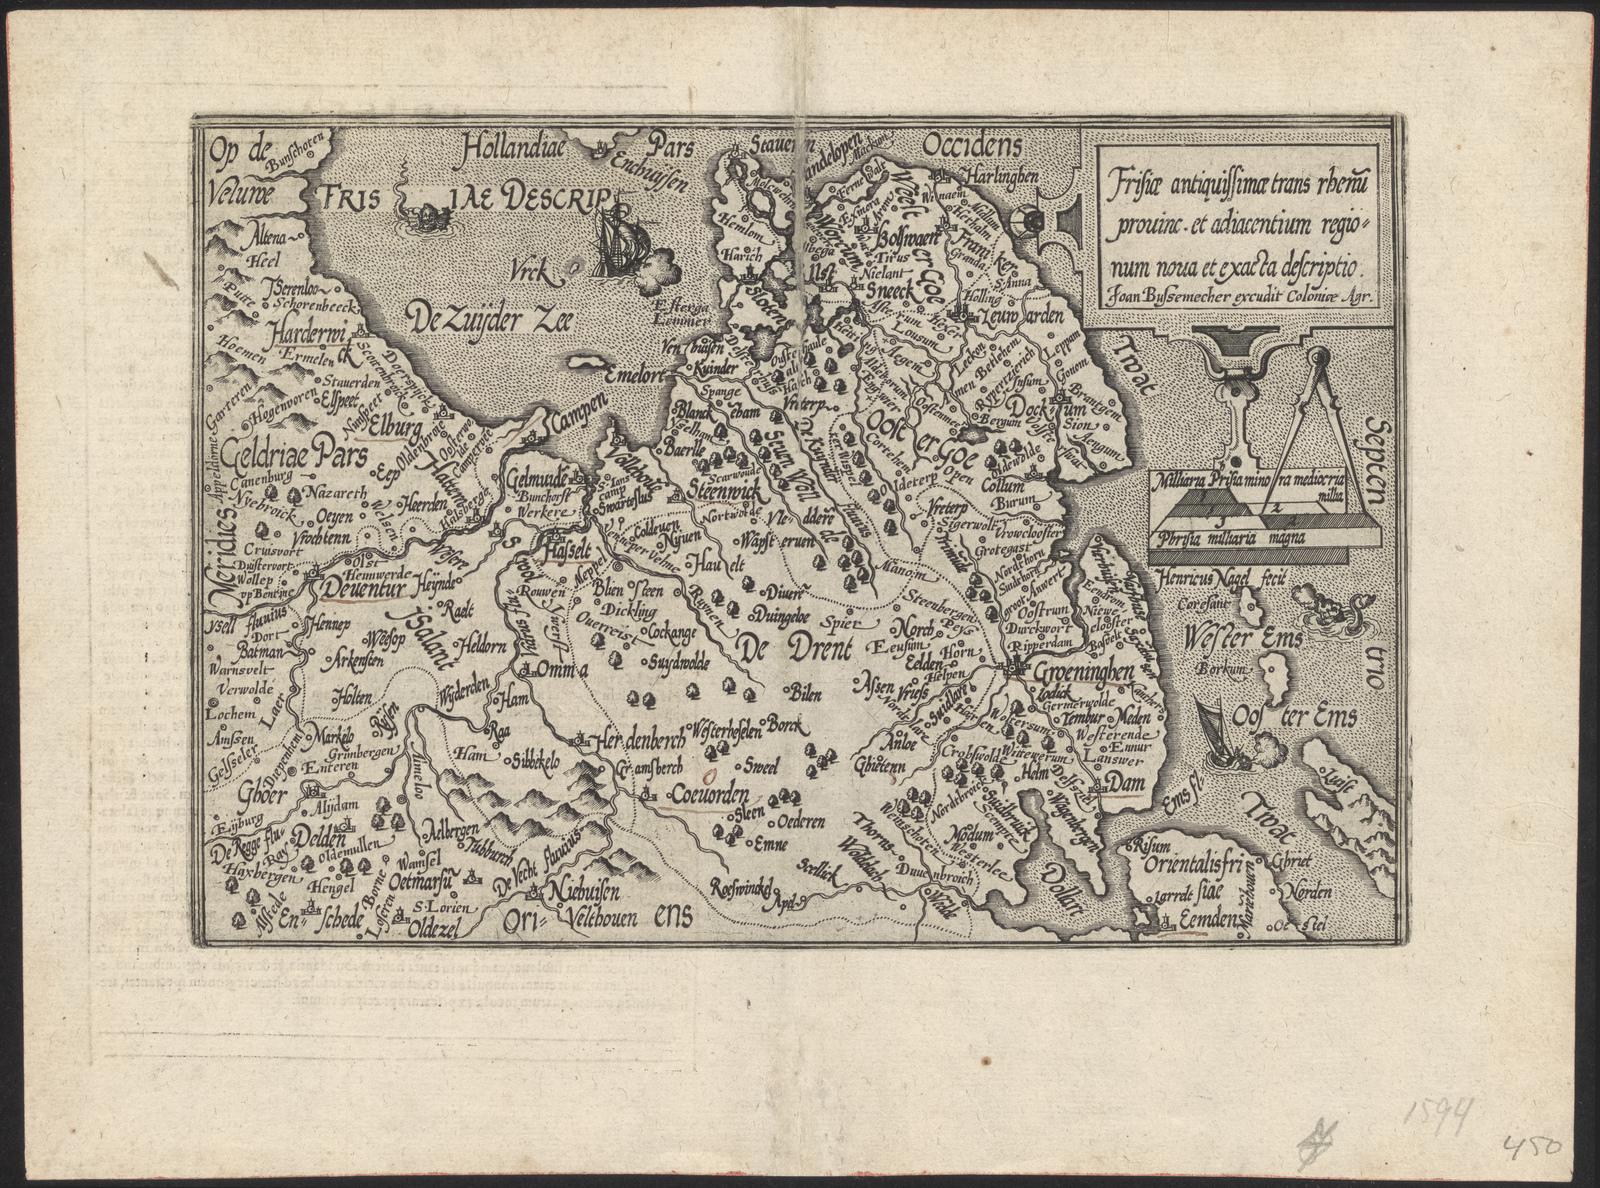 Frisiæ antiquissimæ trans rhenum prouinc. et adiacentium regio= num noua et exacta descriptio